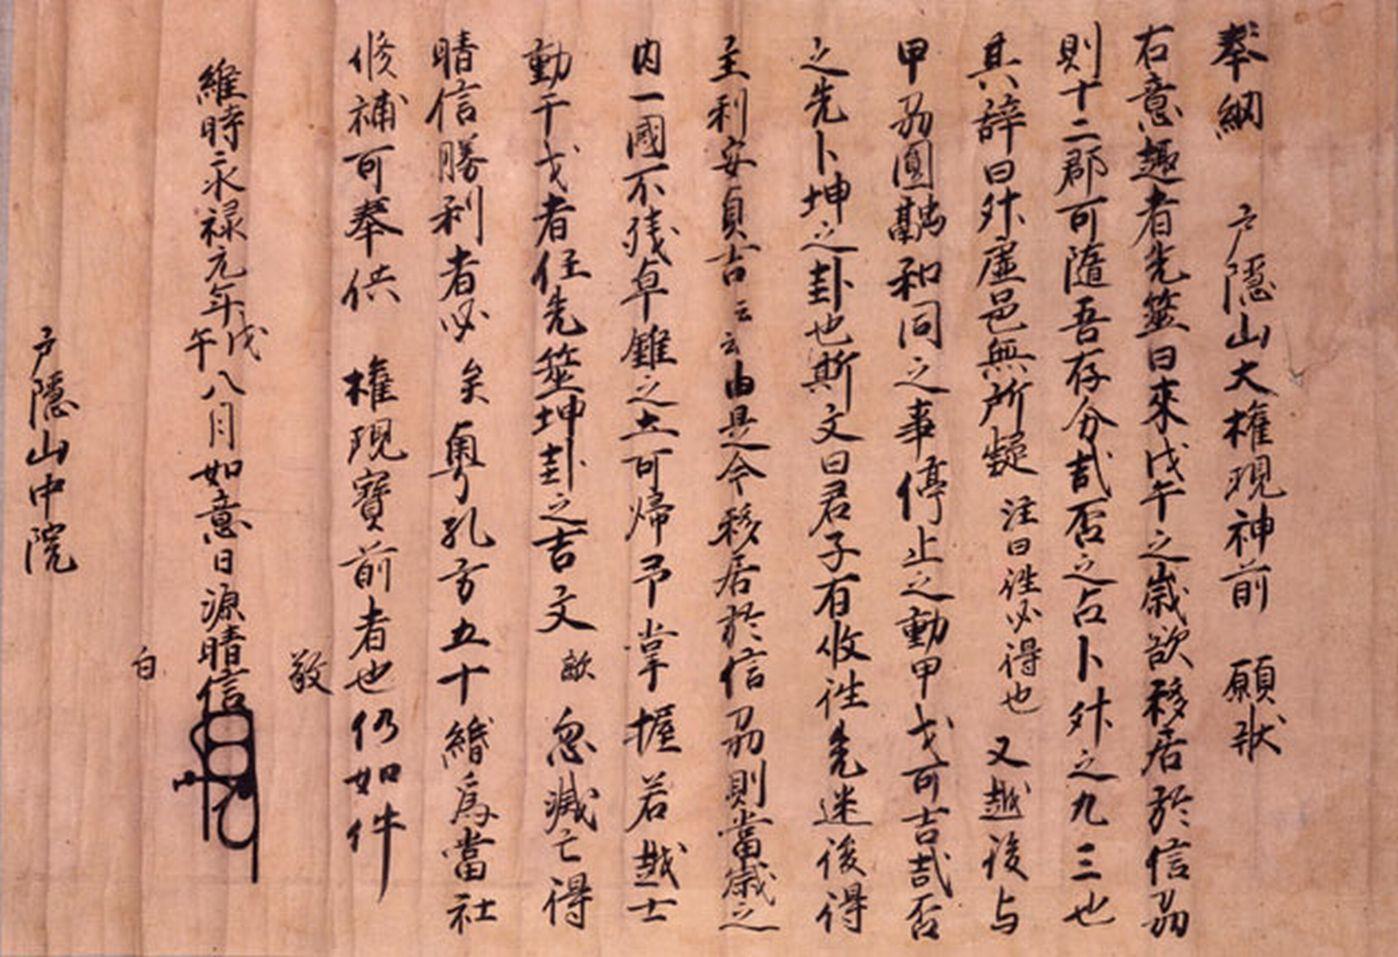 武田晴信(信玄)が永禄元年(1558)8月に戸隠山中院に奉納した願文(戸隠神社所蔵文書)